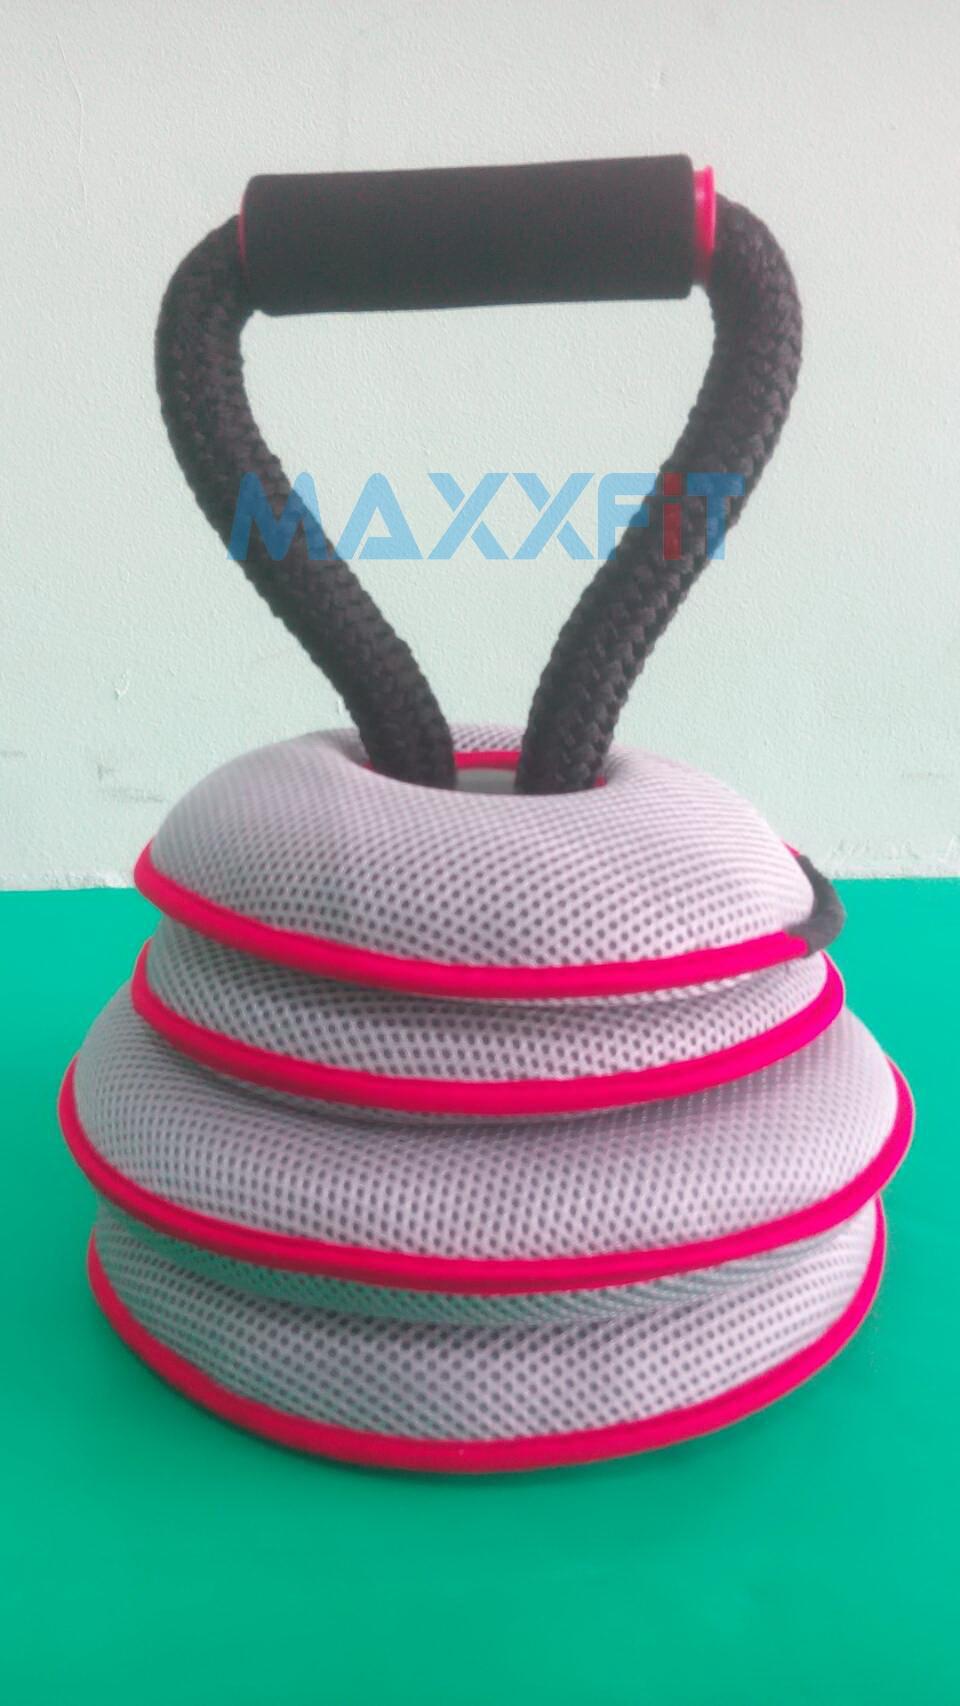 ขาย Kettle Bell แบบผ้า 10 KG. Soft Adjustable สามารถปรับเปลี่ยนน้ำหนักได้